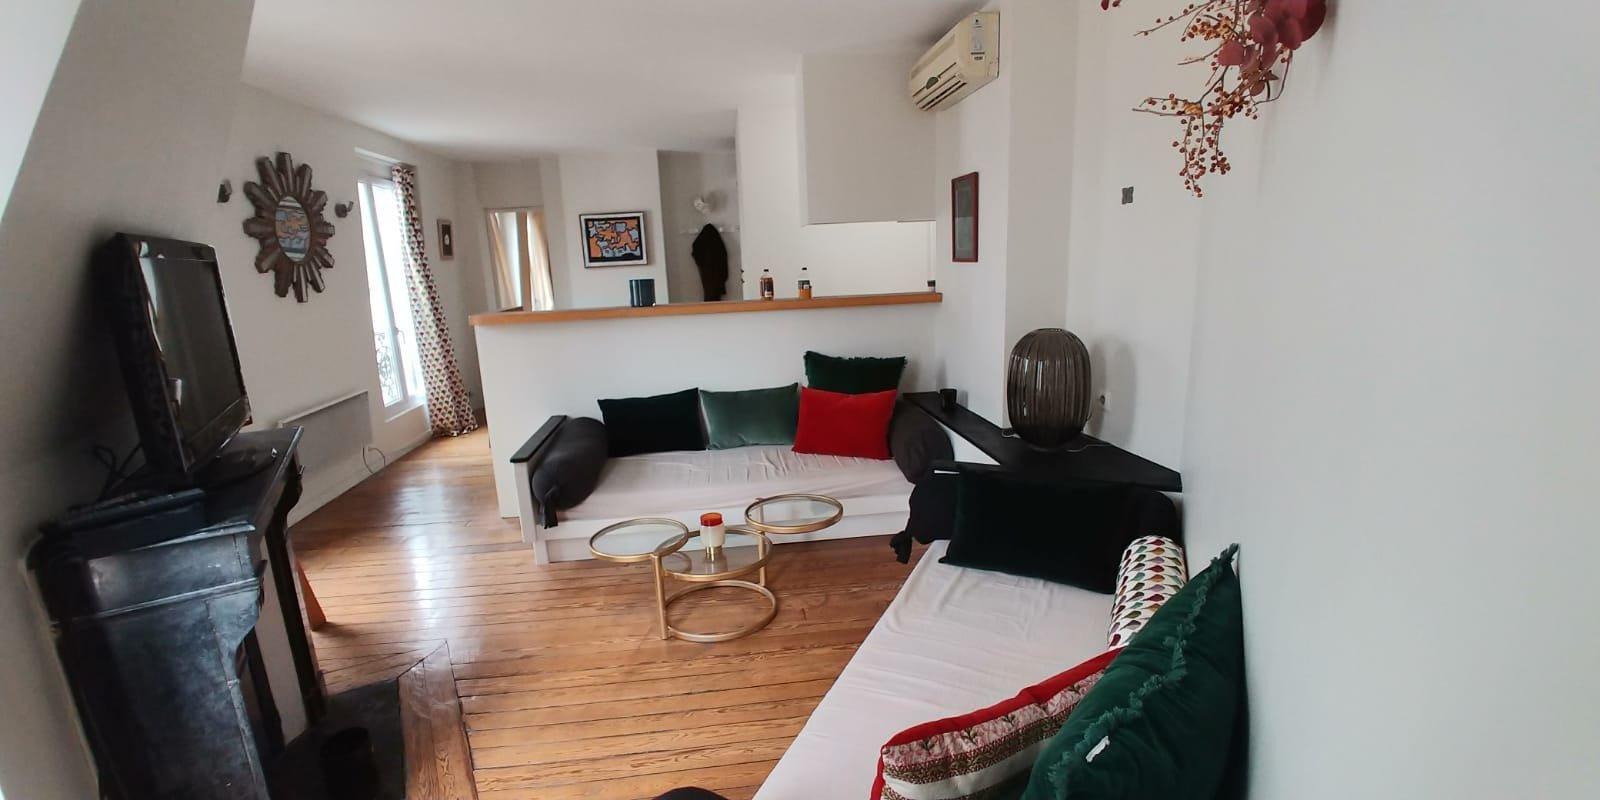 VAVIN,dernier etage